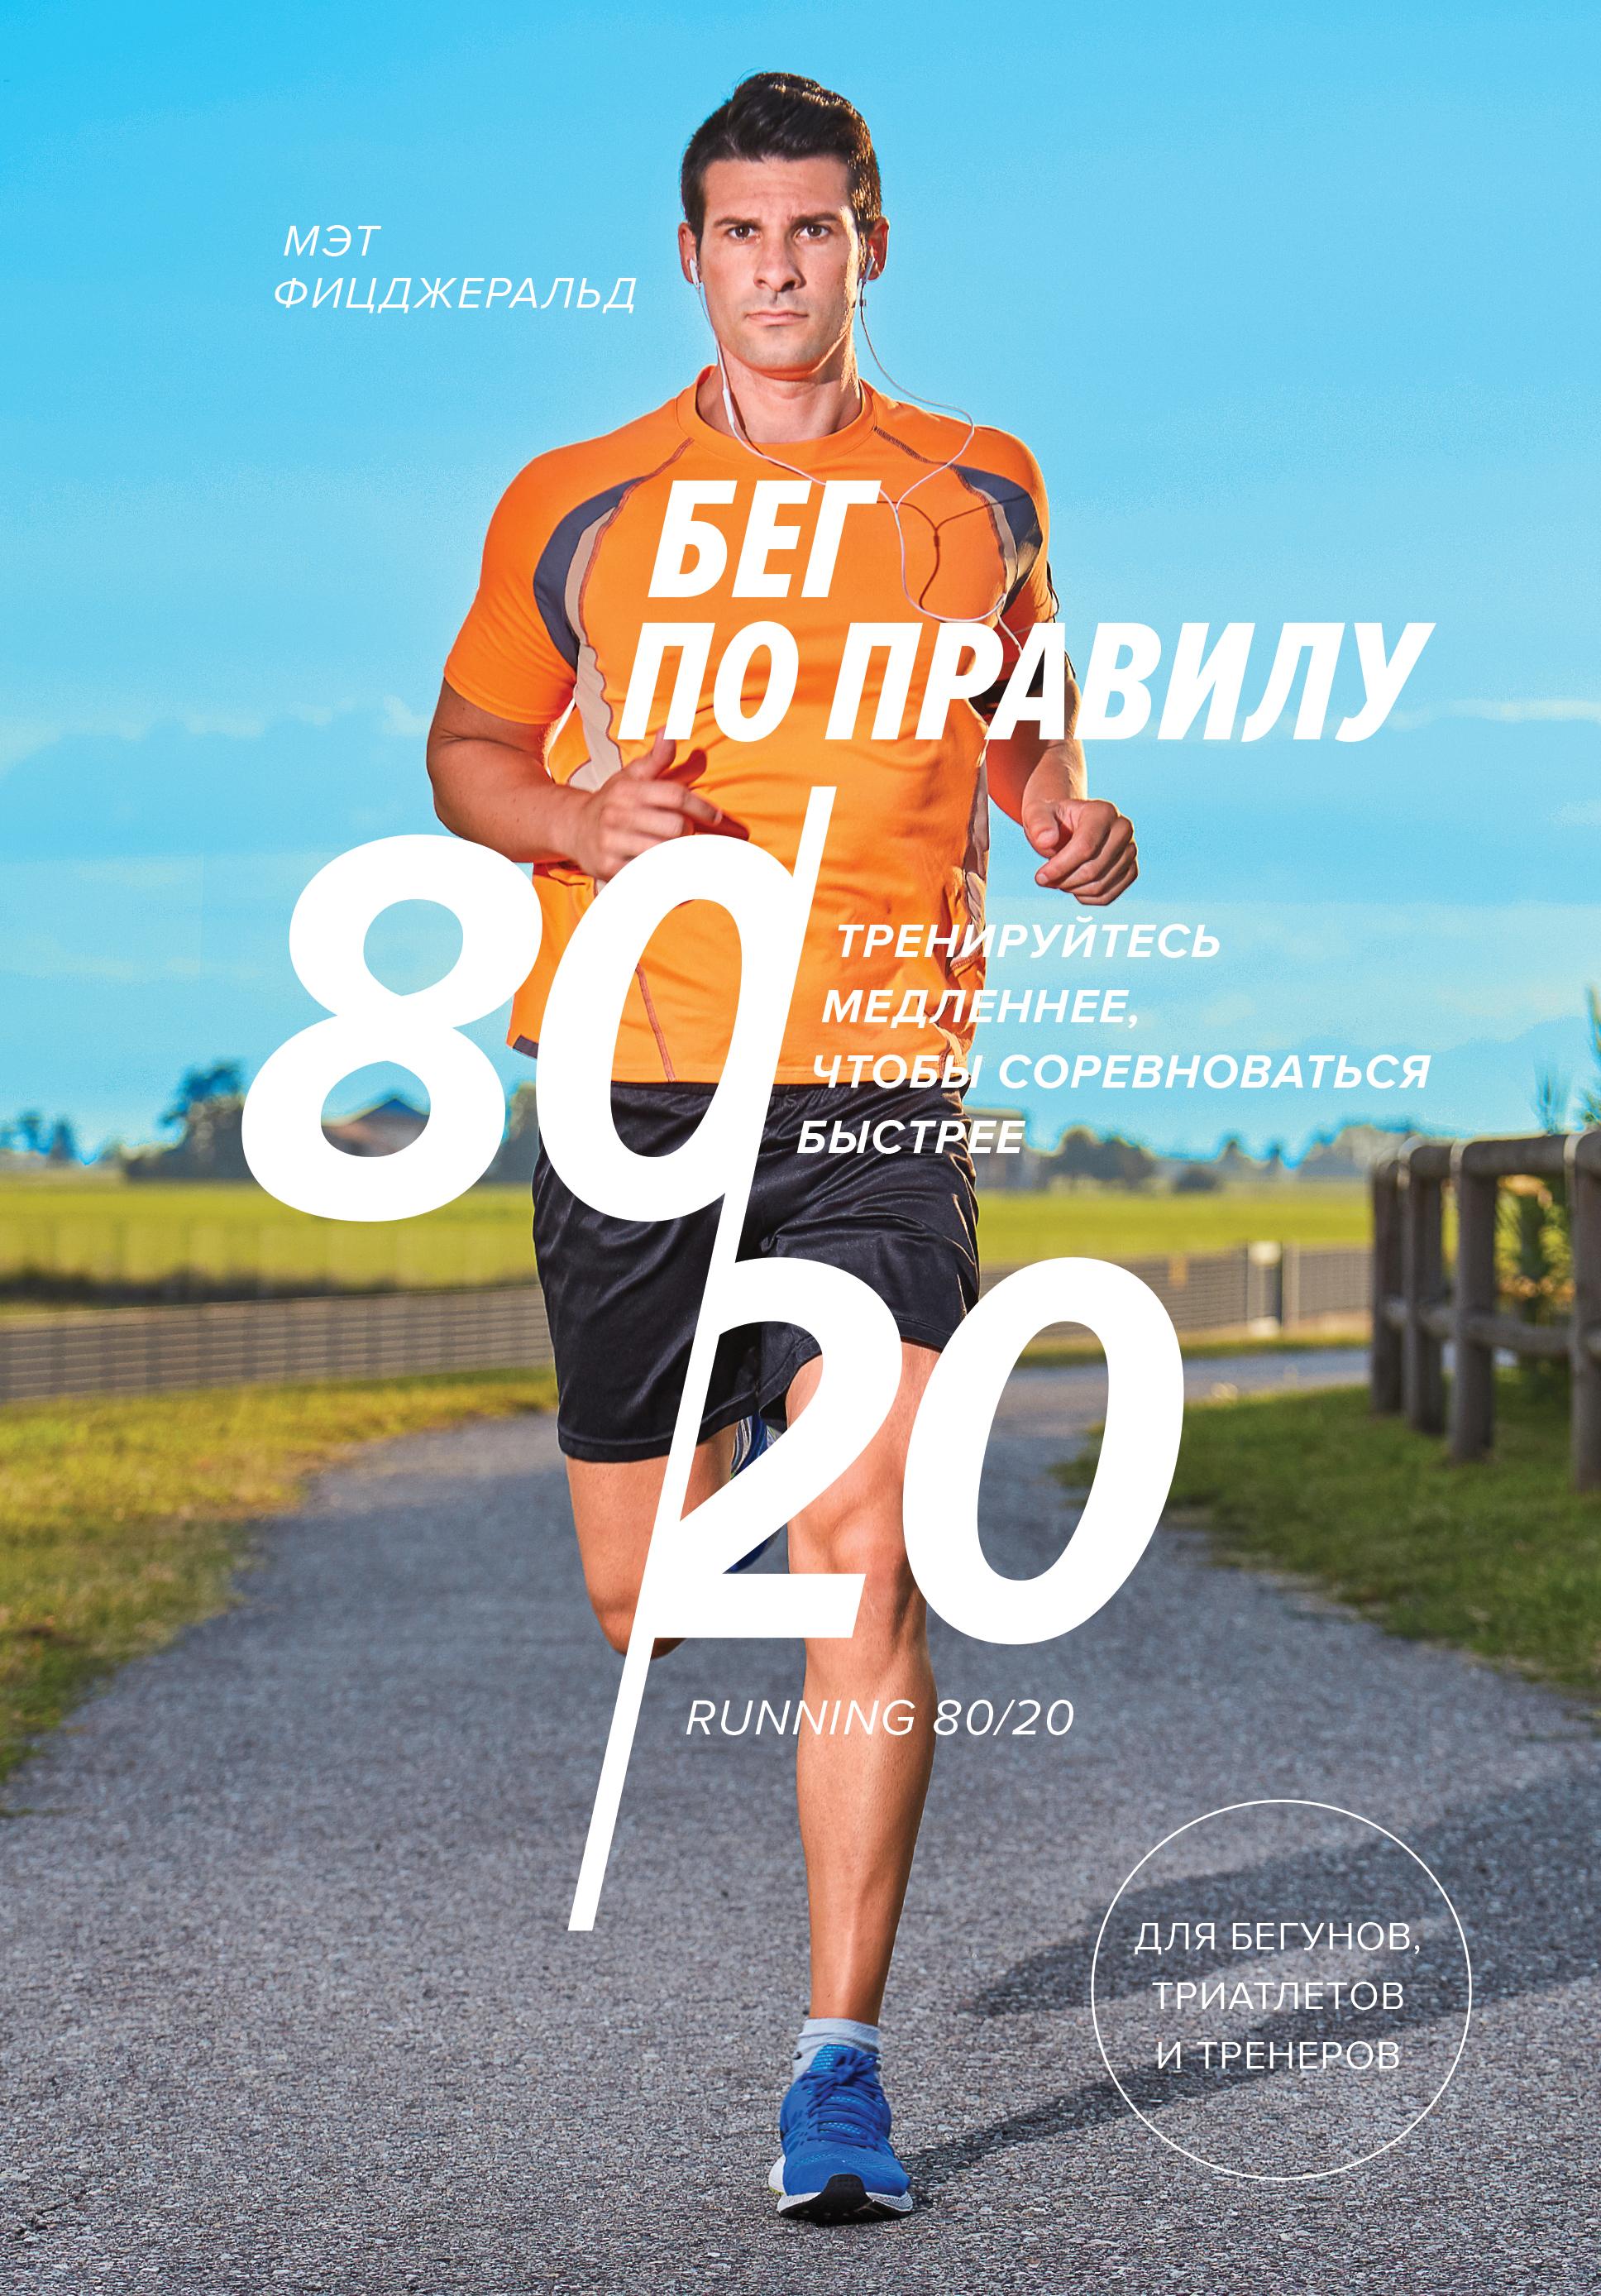 Бег по правилу 80/20. Тренируйтесь медленнее, чтобы соревноваться быстрее ( Мэт Фицджеральд  )